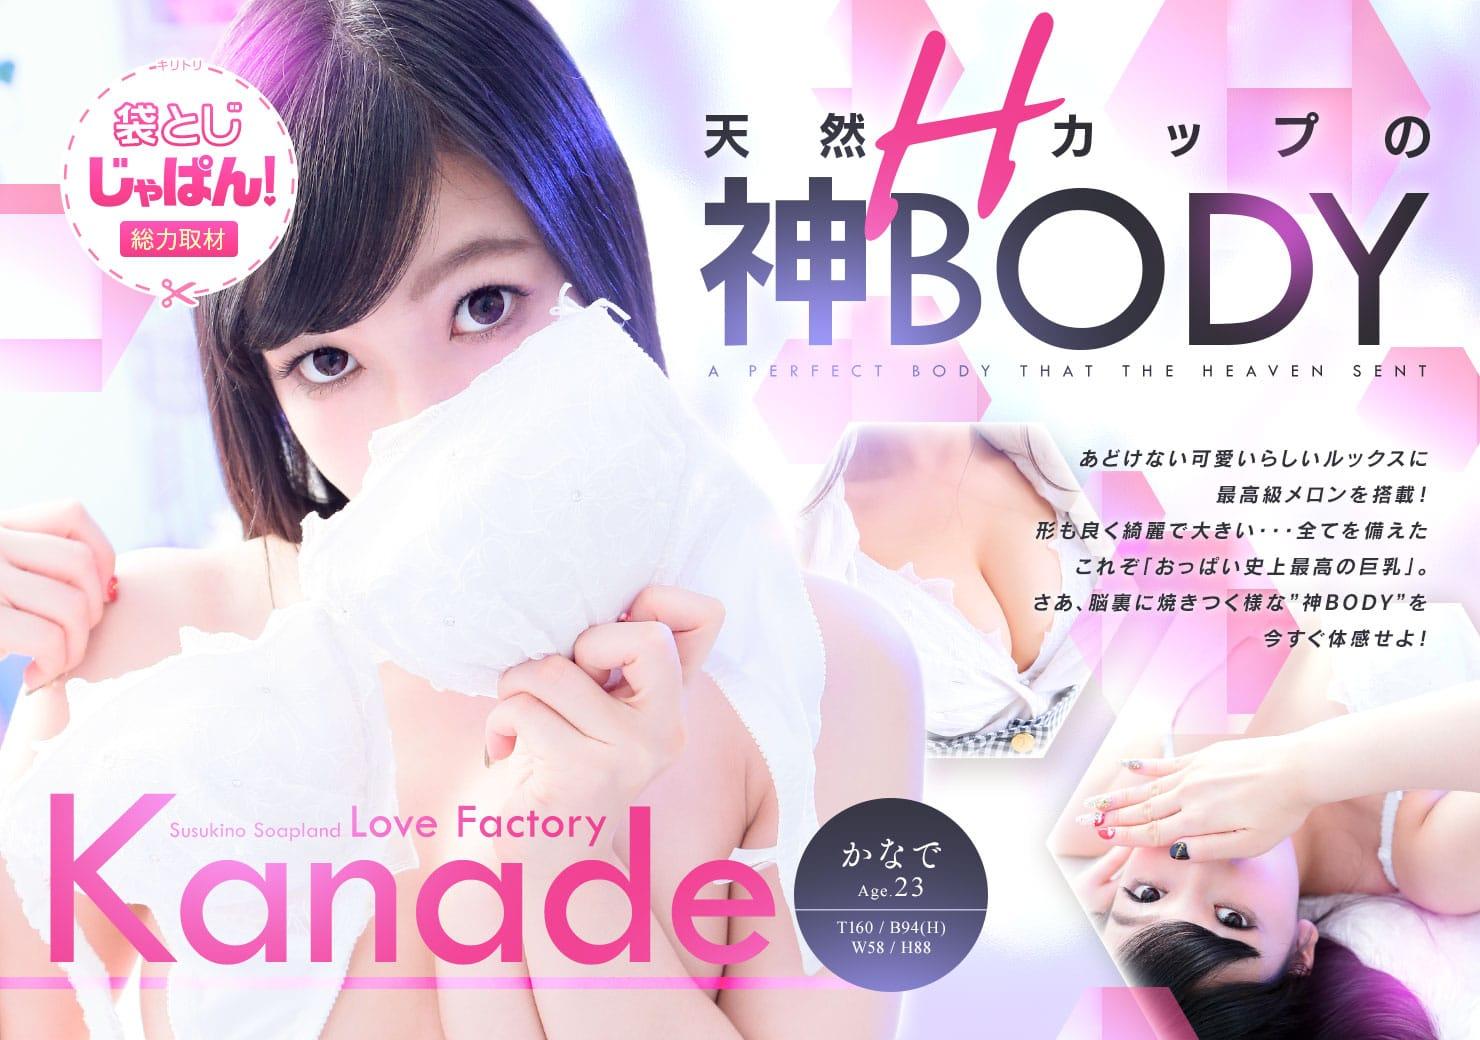 袋とじじゃぱん!総力取材 ラブファクトリー かなで【巨乳】(22) B94(H)/W58/H88